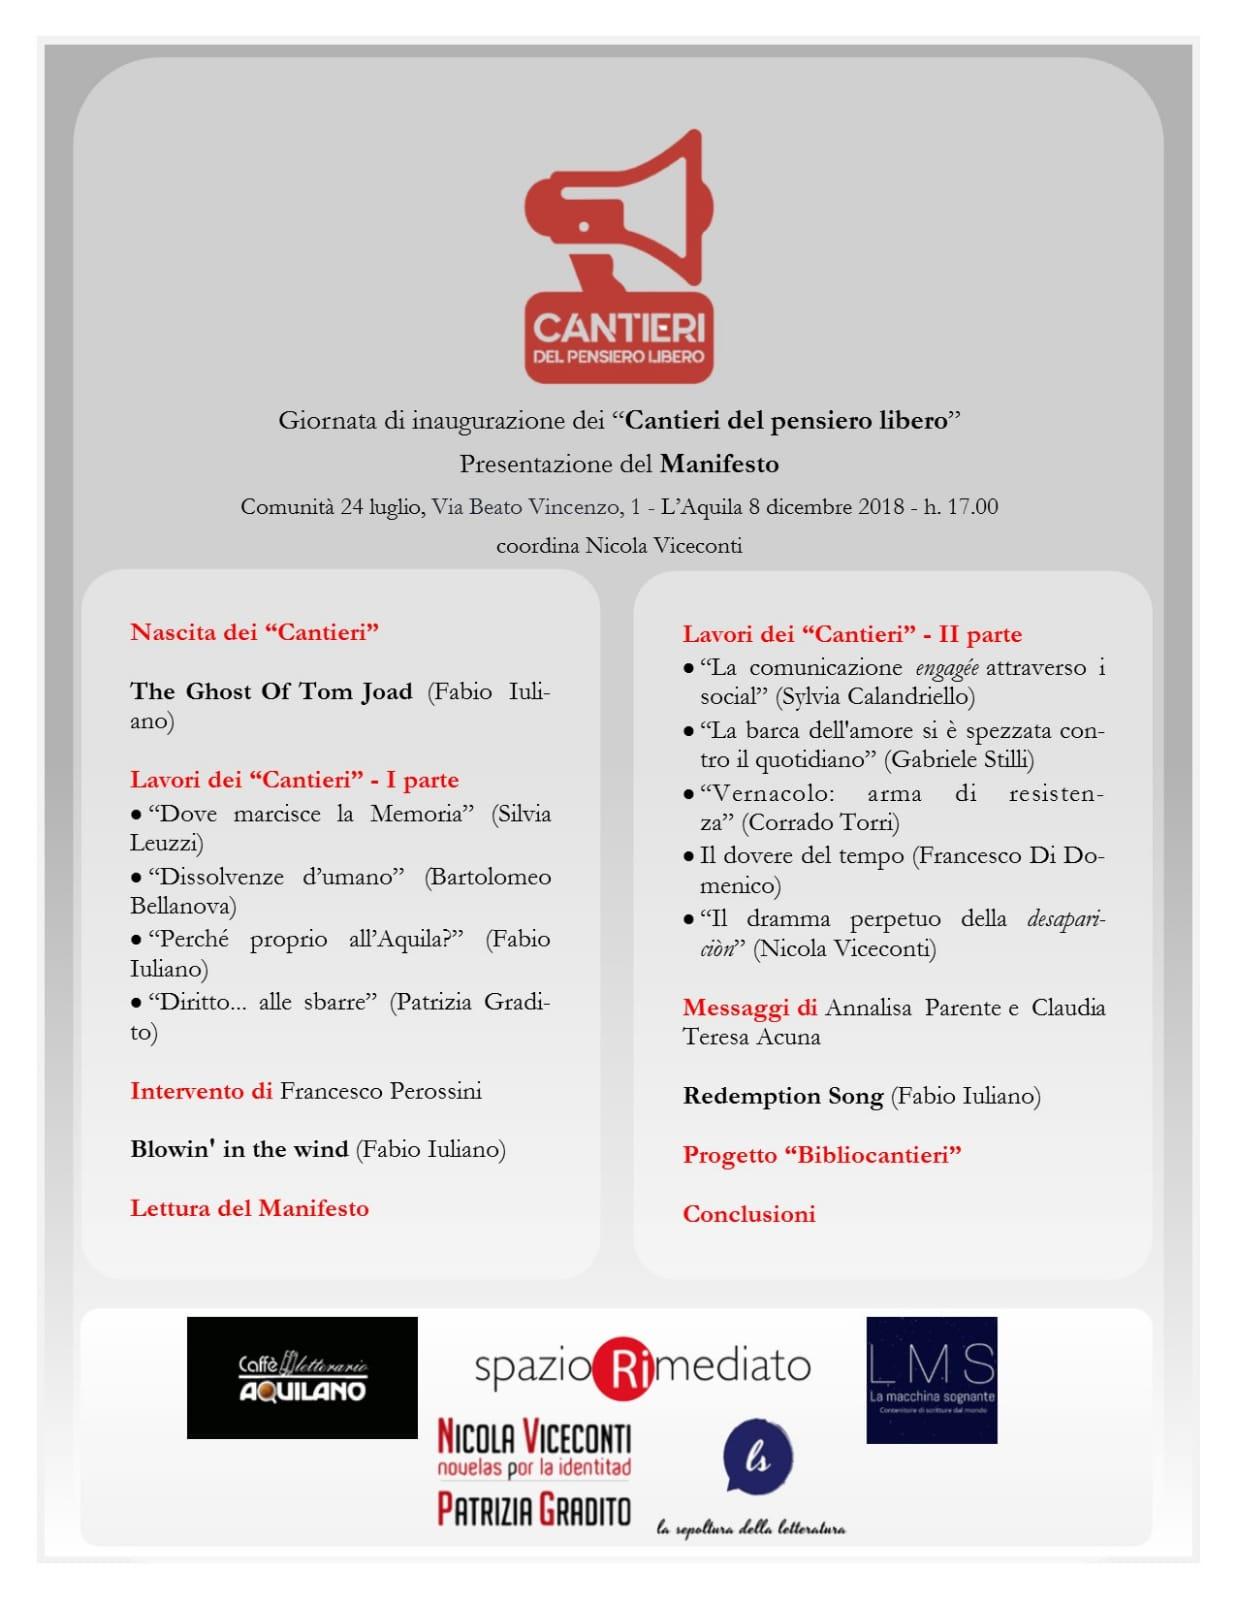 Locandina L'Aquila 08-12-2018